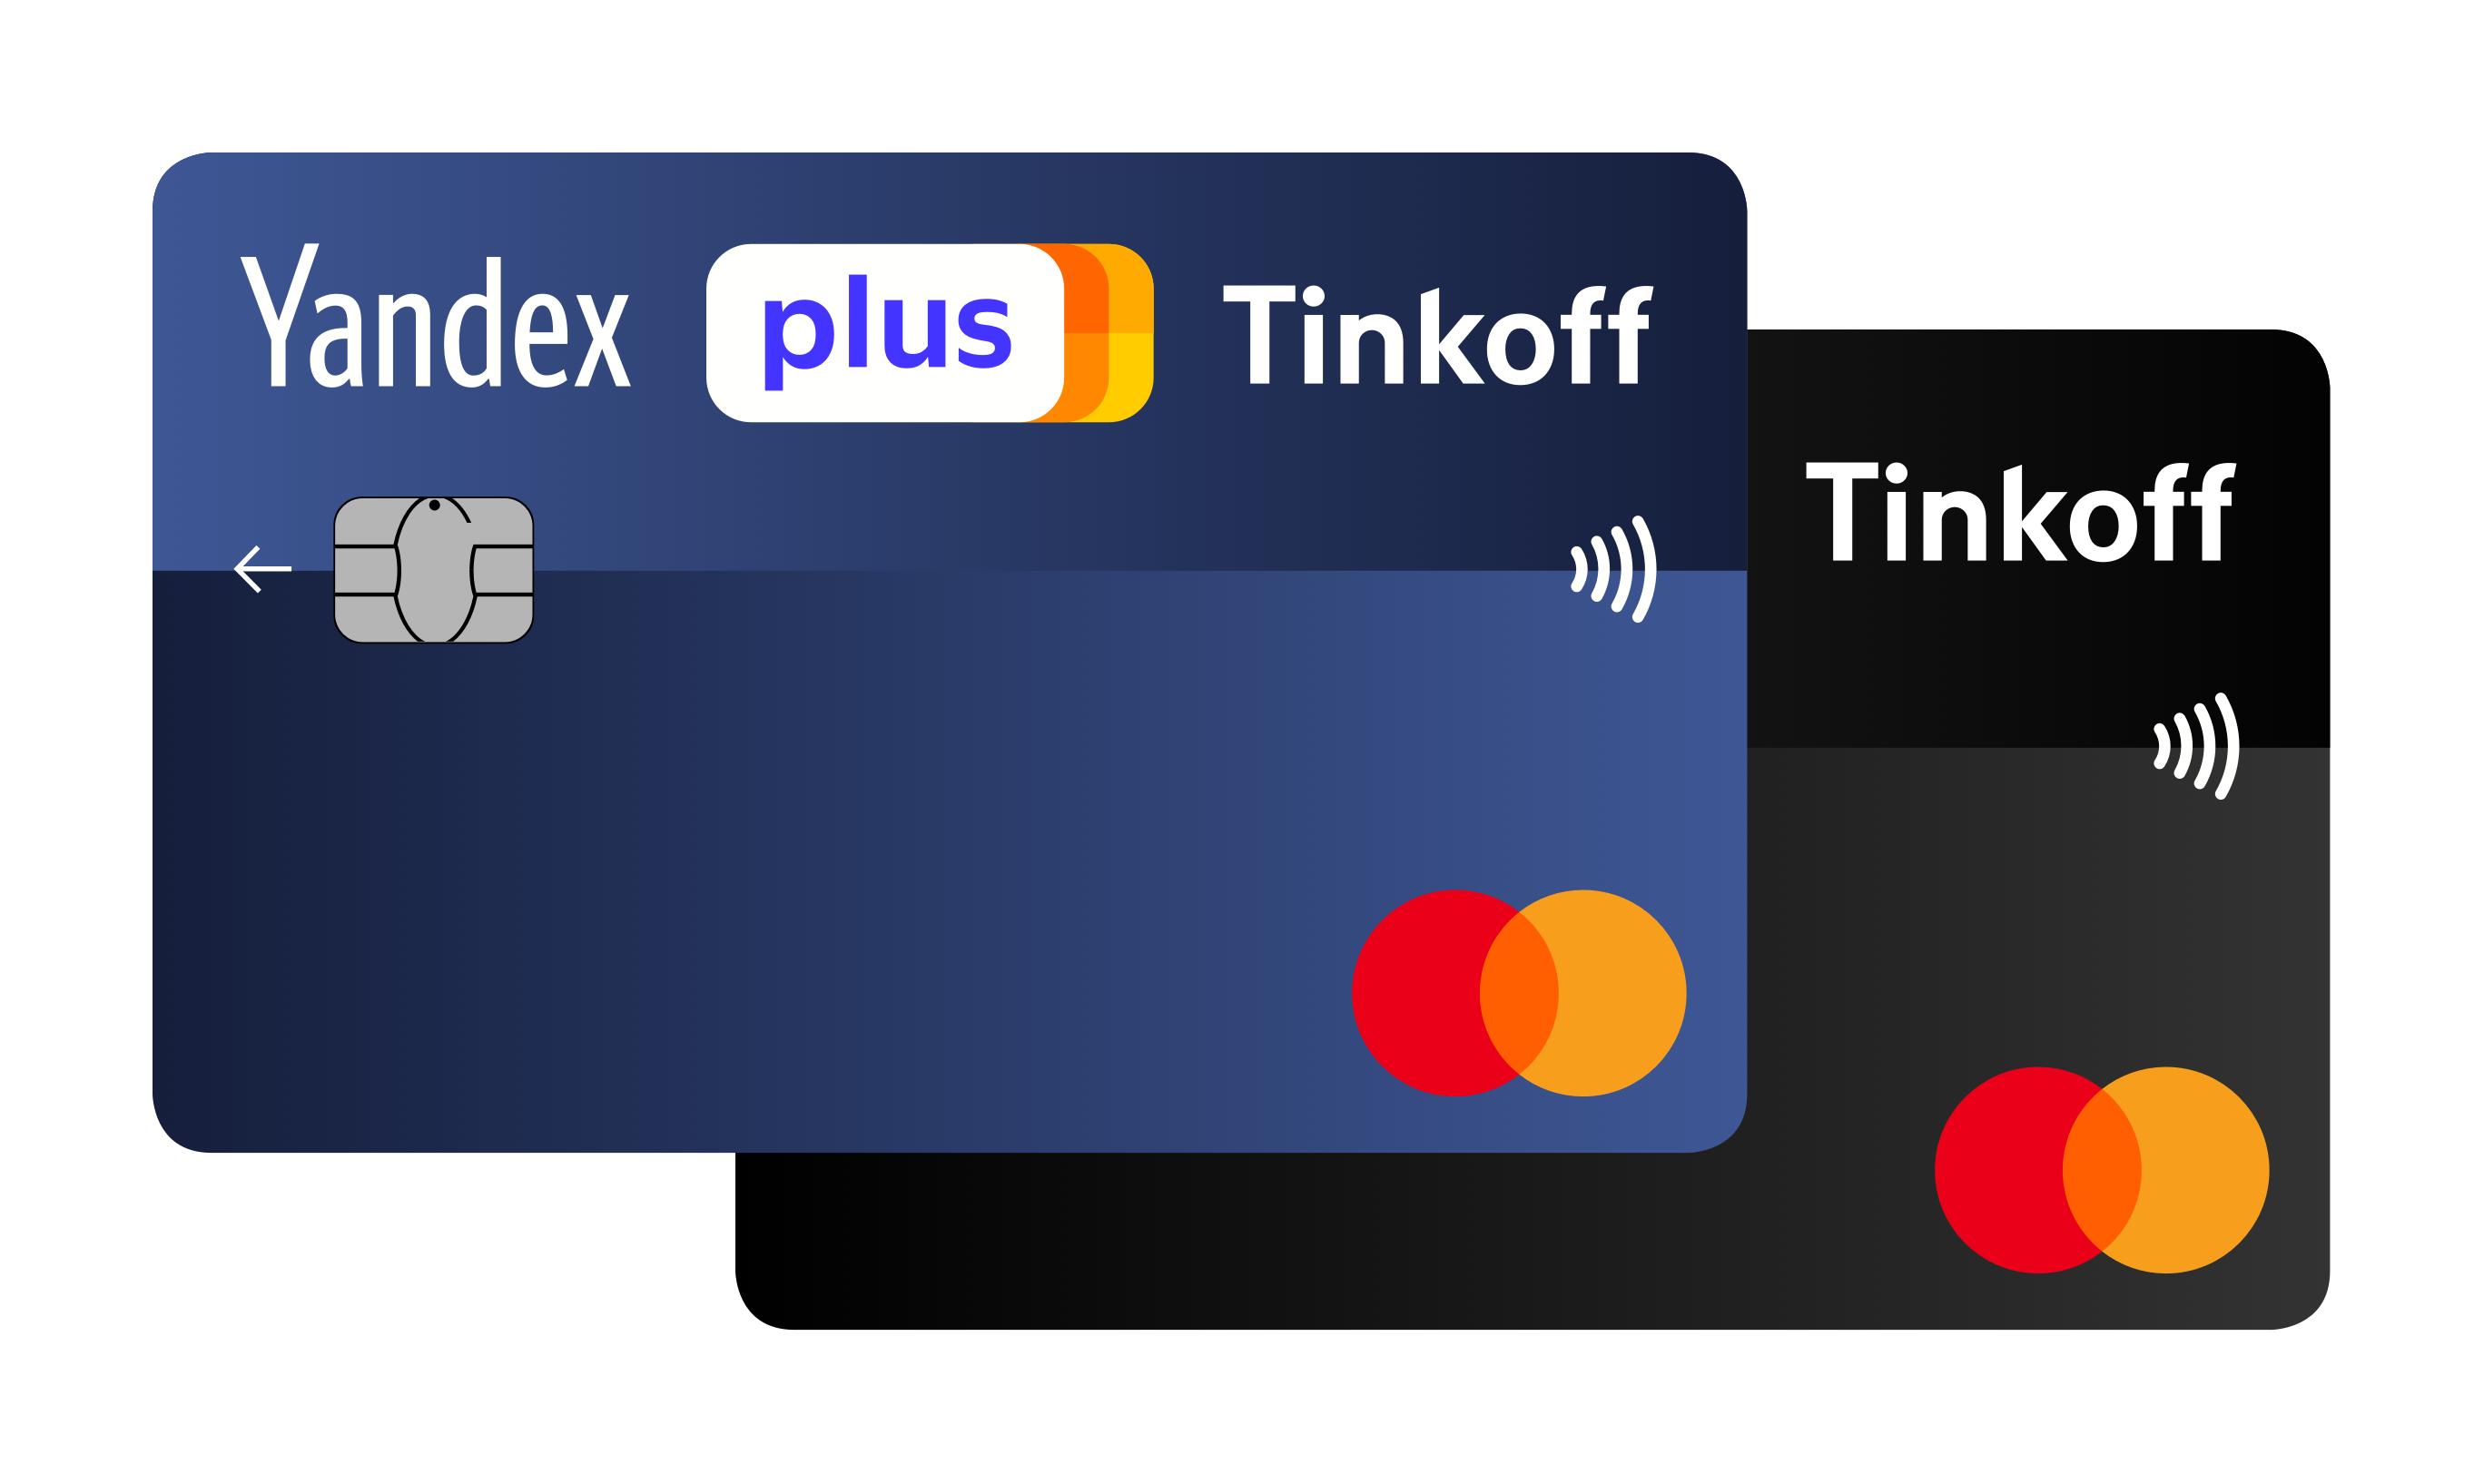 Альфа банк в барнауле оформить кредитную карту